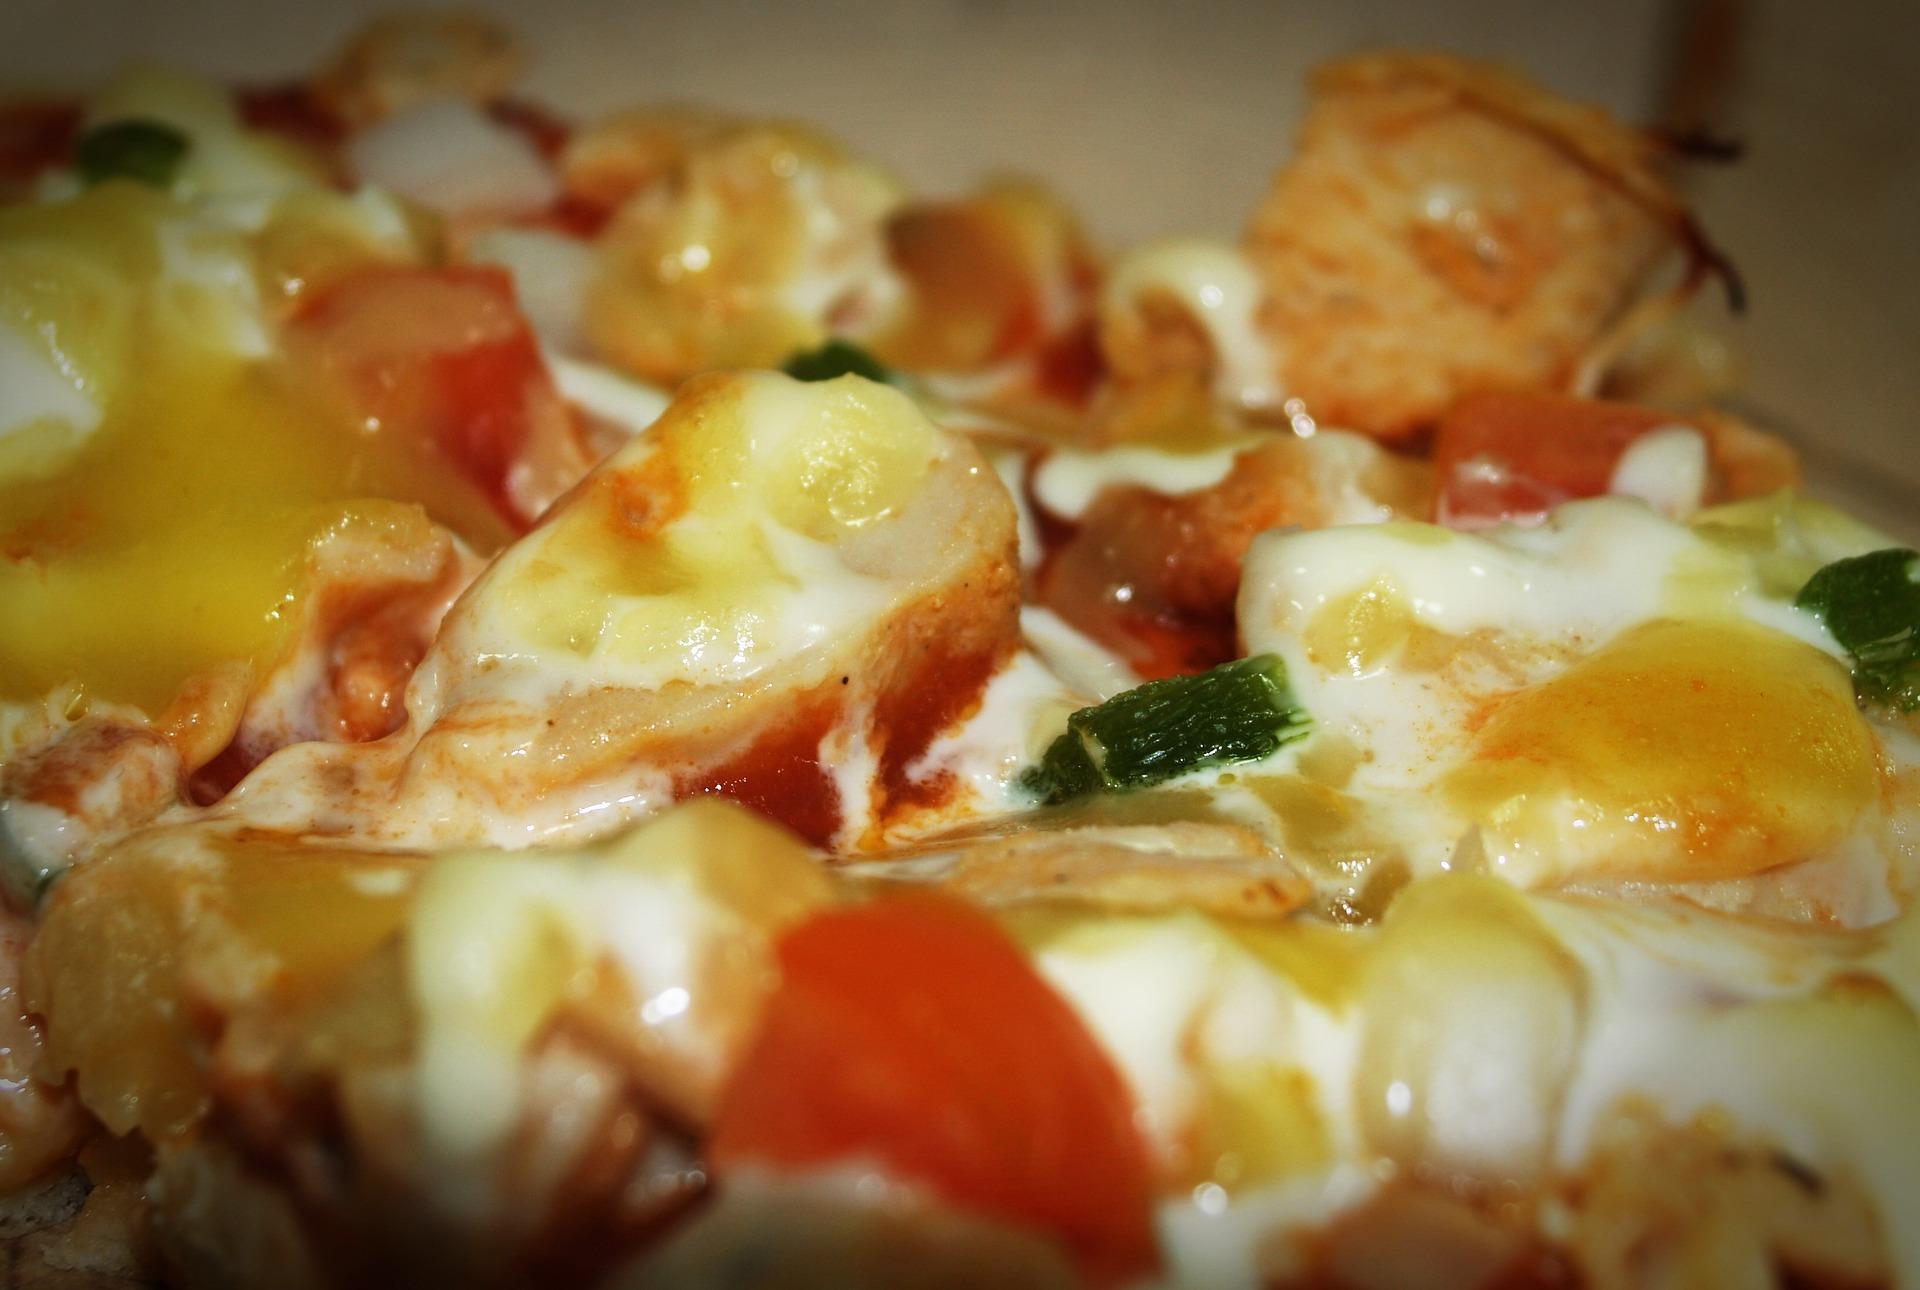 frissült étlapunk, pizza Szombathely